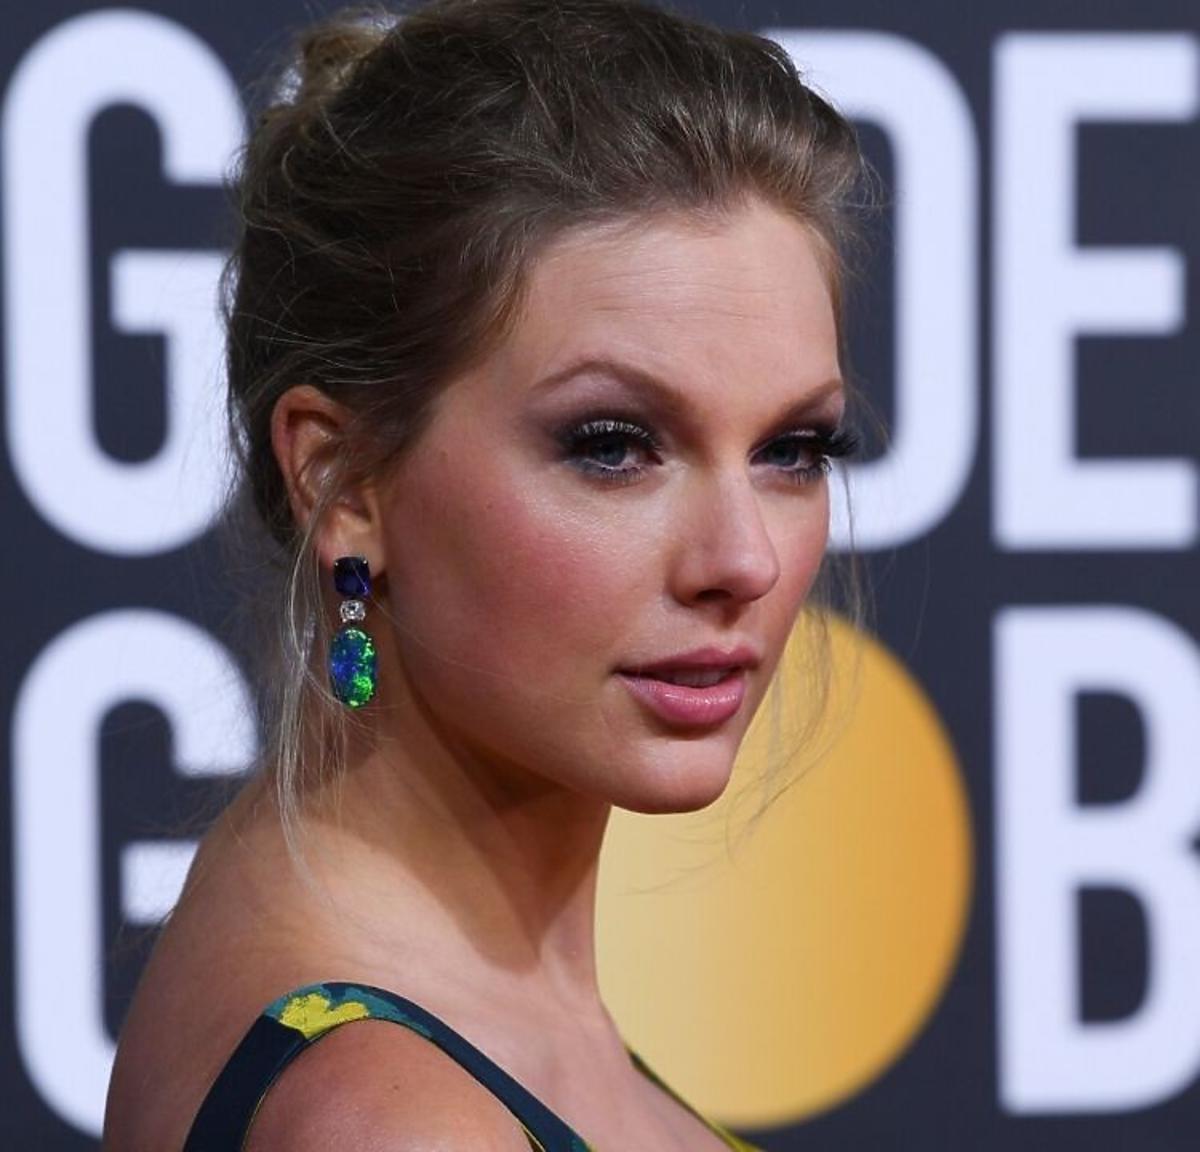 Trendy 2020: te fryzury ślubne nie są już modne! /Taylor Swift